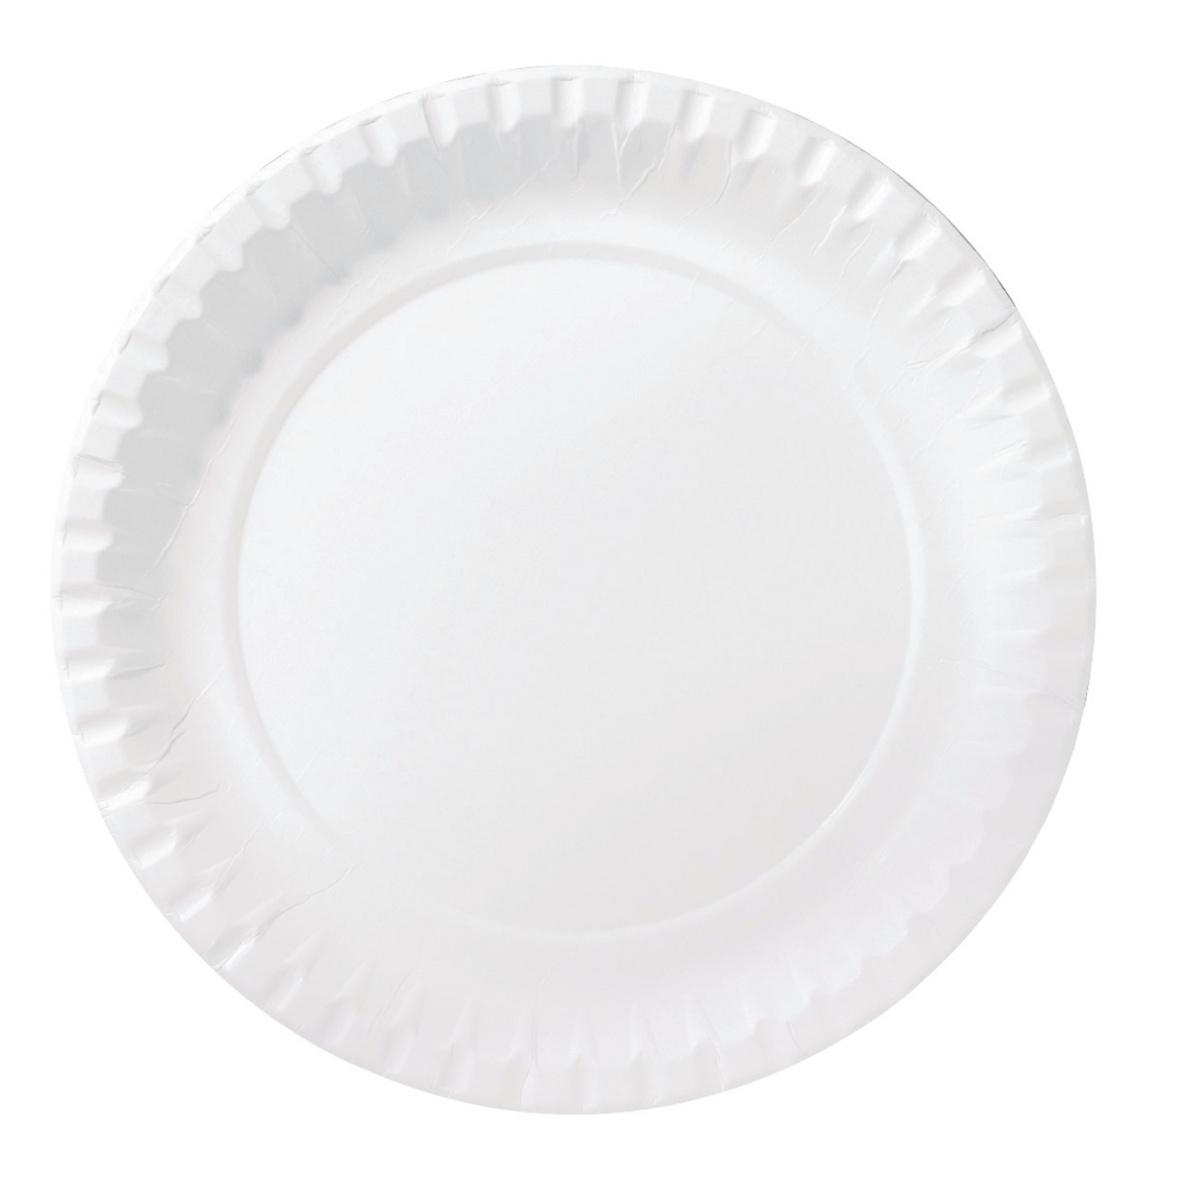 Assiette blanc Ø 18 cm (100 pièces)